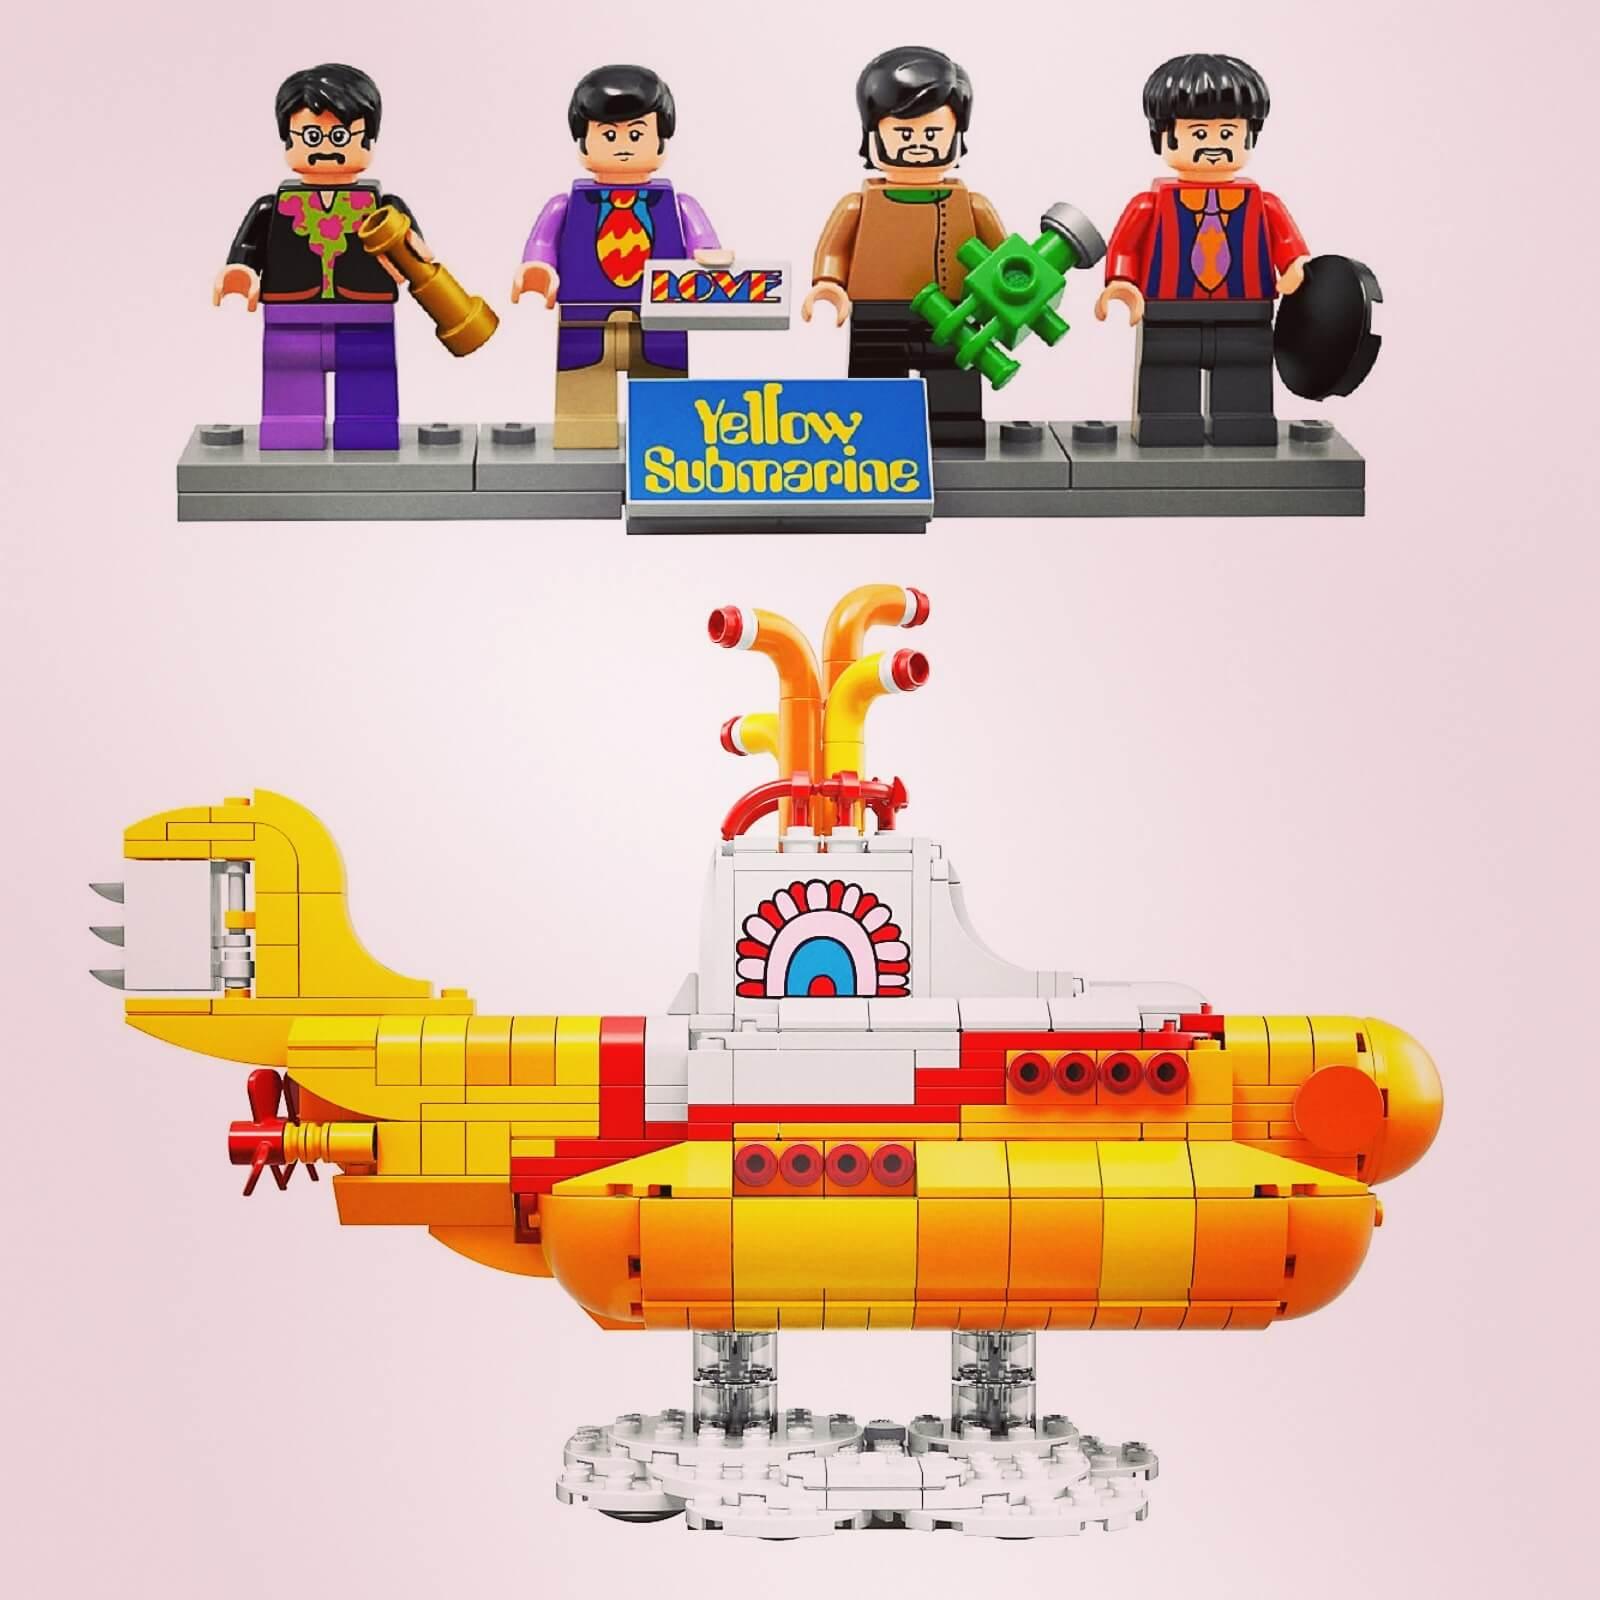 De Lego versie van de Yellow Submarine van de Beatles